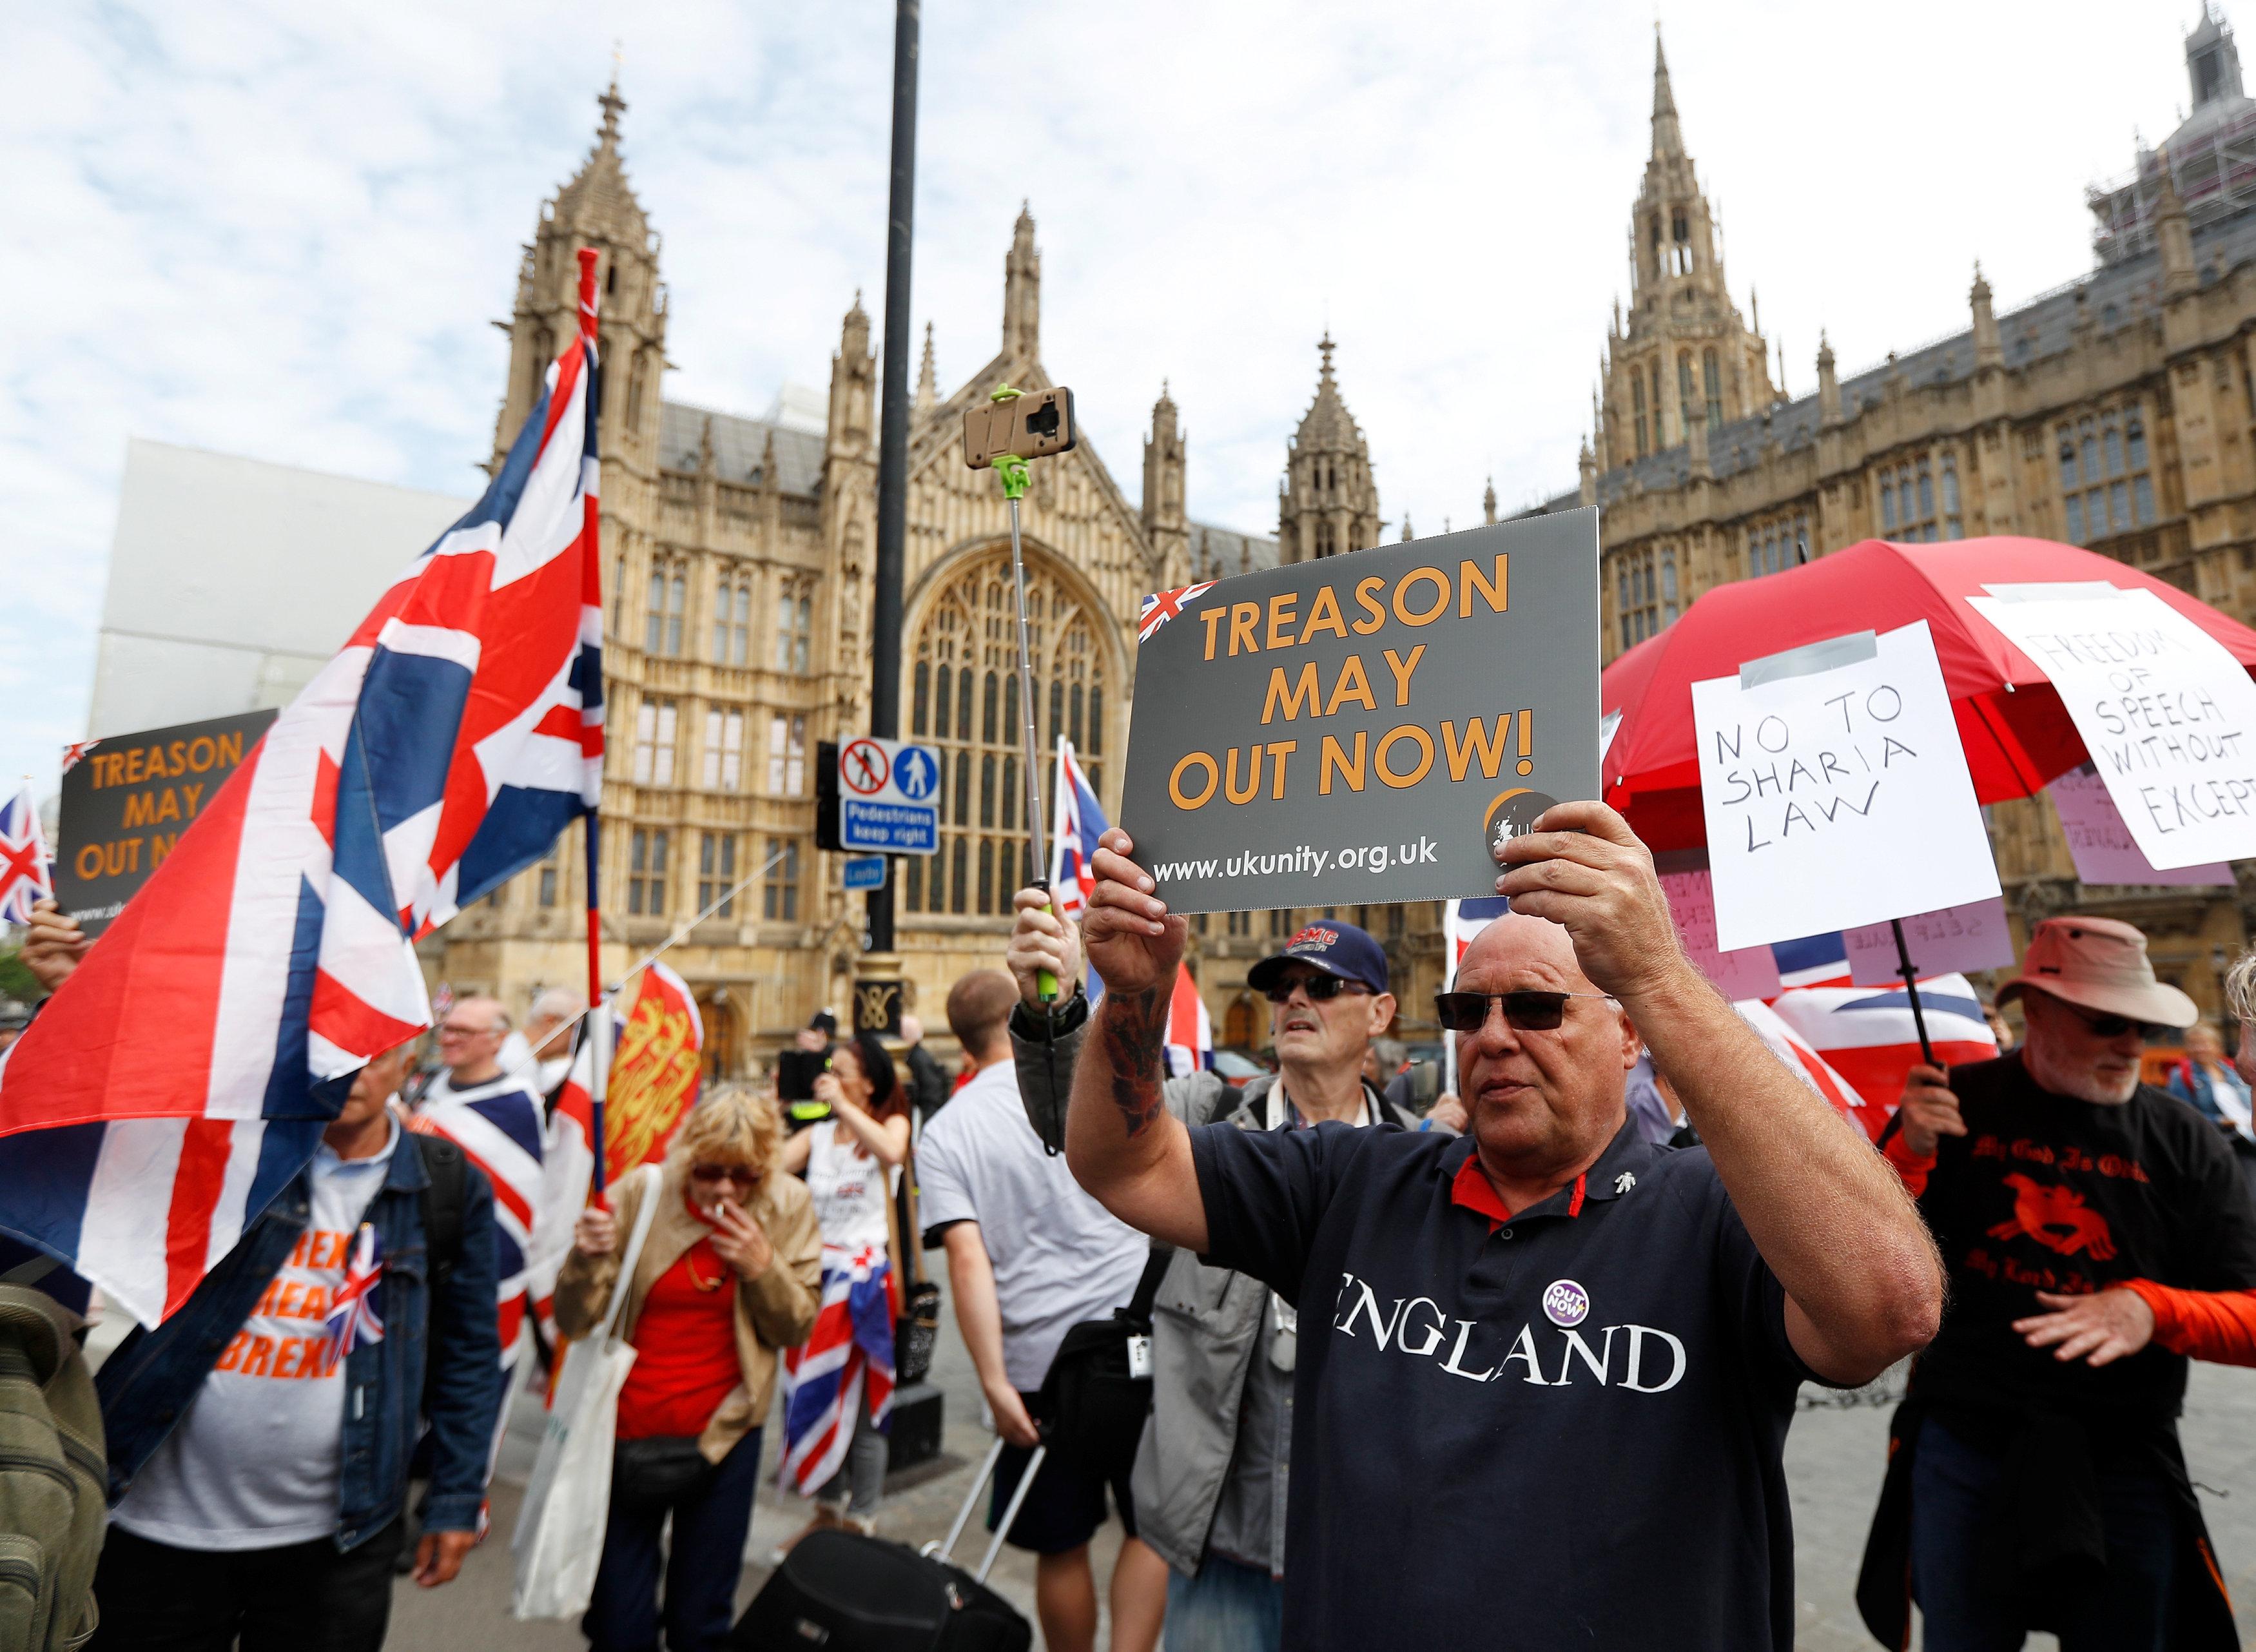 مجموعة من المتظاهرين يرفعون لافتات مناهضة لسياسات الحكومة البريطانية